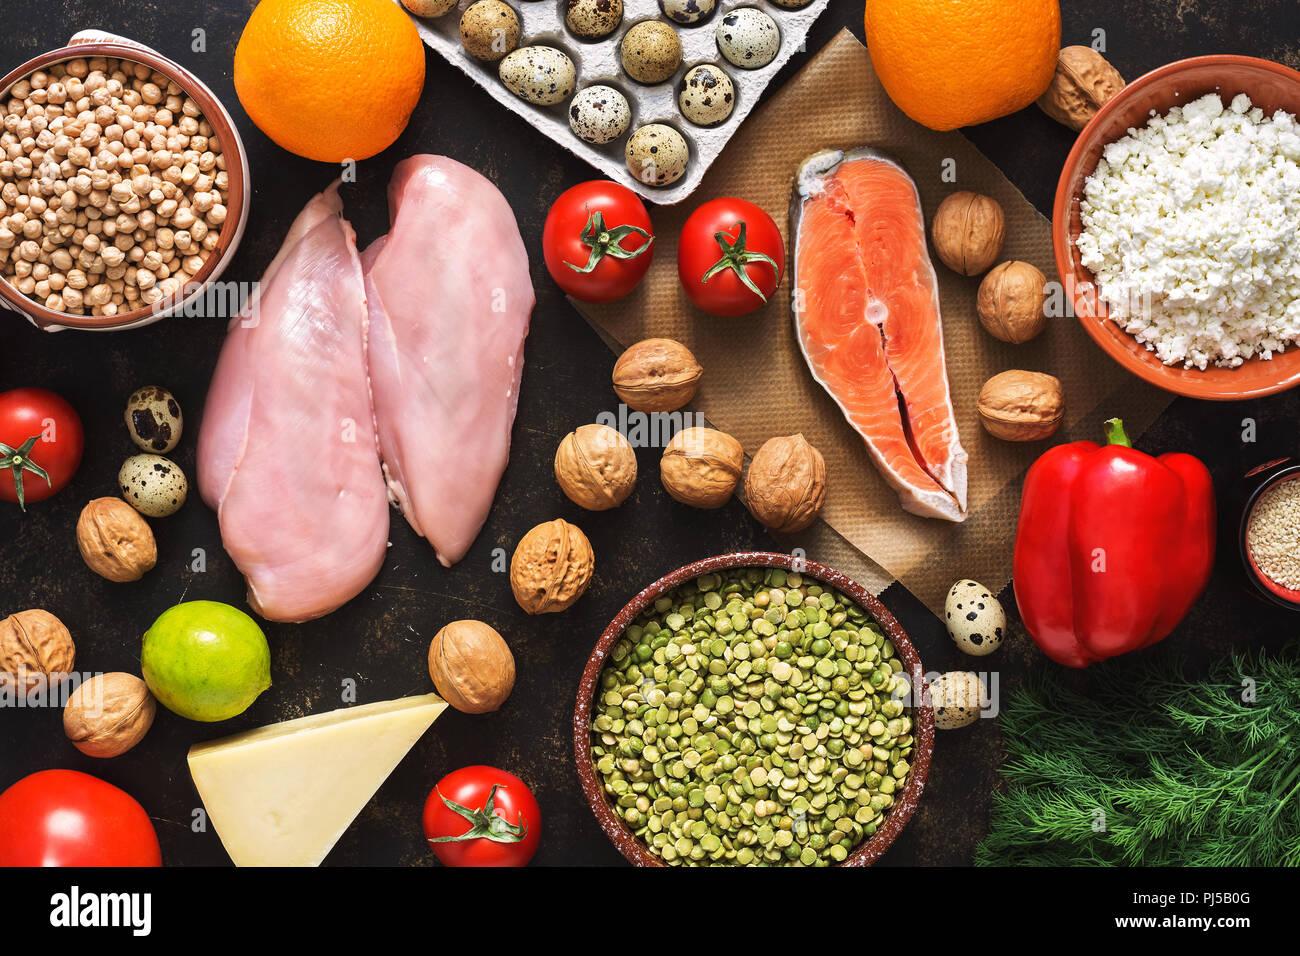 Bilanciato di prodotti dietetici. Il concetto di mangiare sano. Sullo sfondo di un pasto sano. Frutta e verdura, salmone, filetto di pollo, cereali. La vista dal di sopra, piatto laici. Immagini Stock